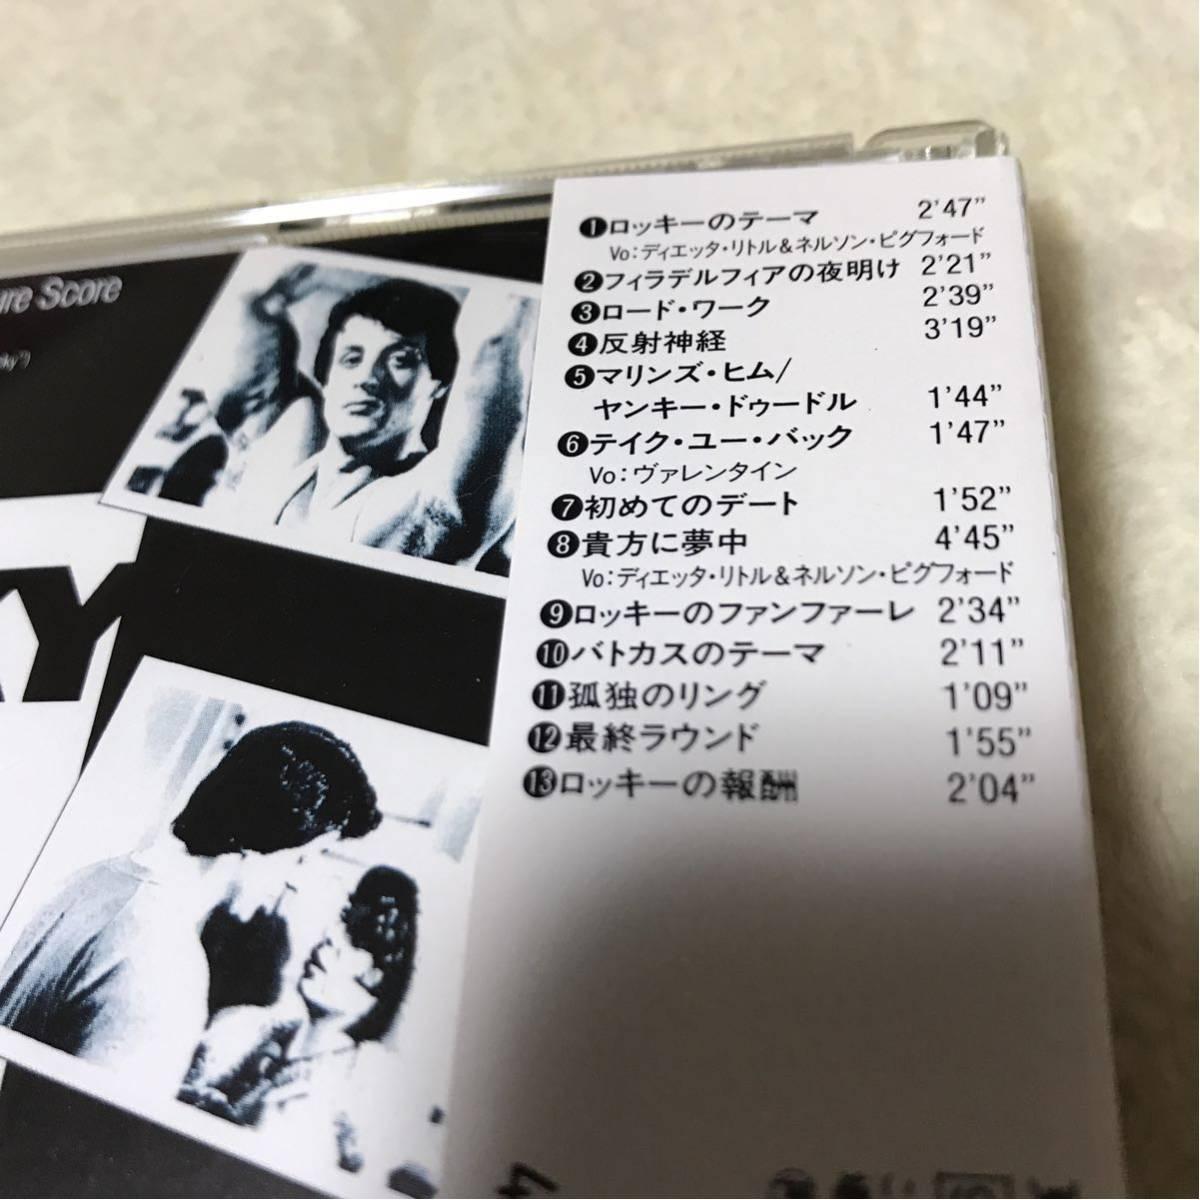 帯付美品CD ロッキー オリジナルサウンドトラック ビル・コンティ 国内盤_画像3